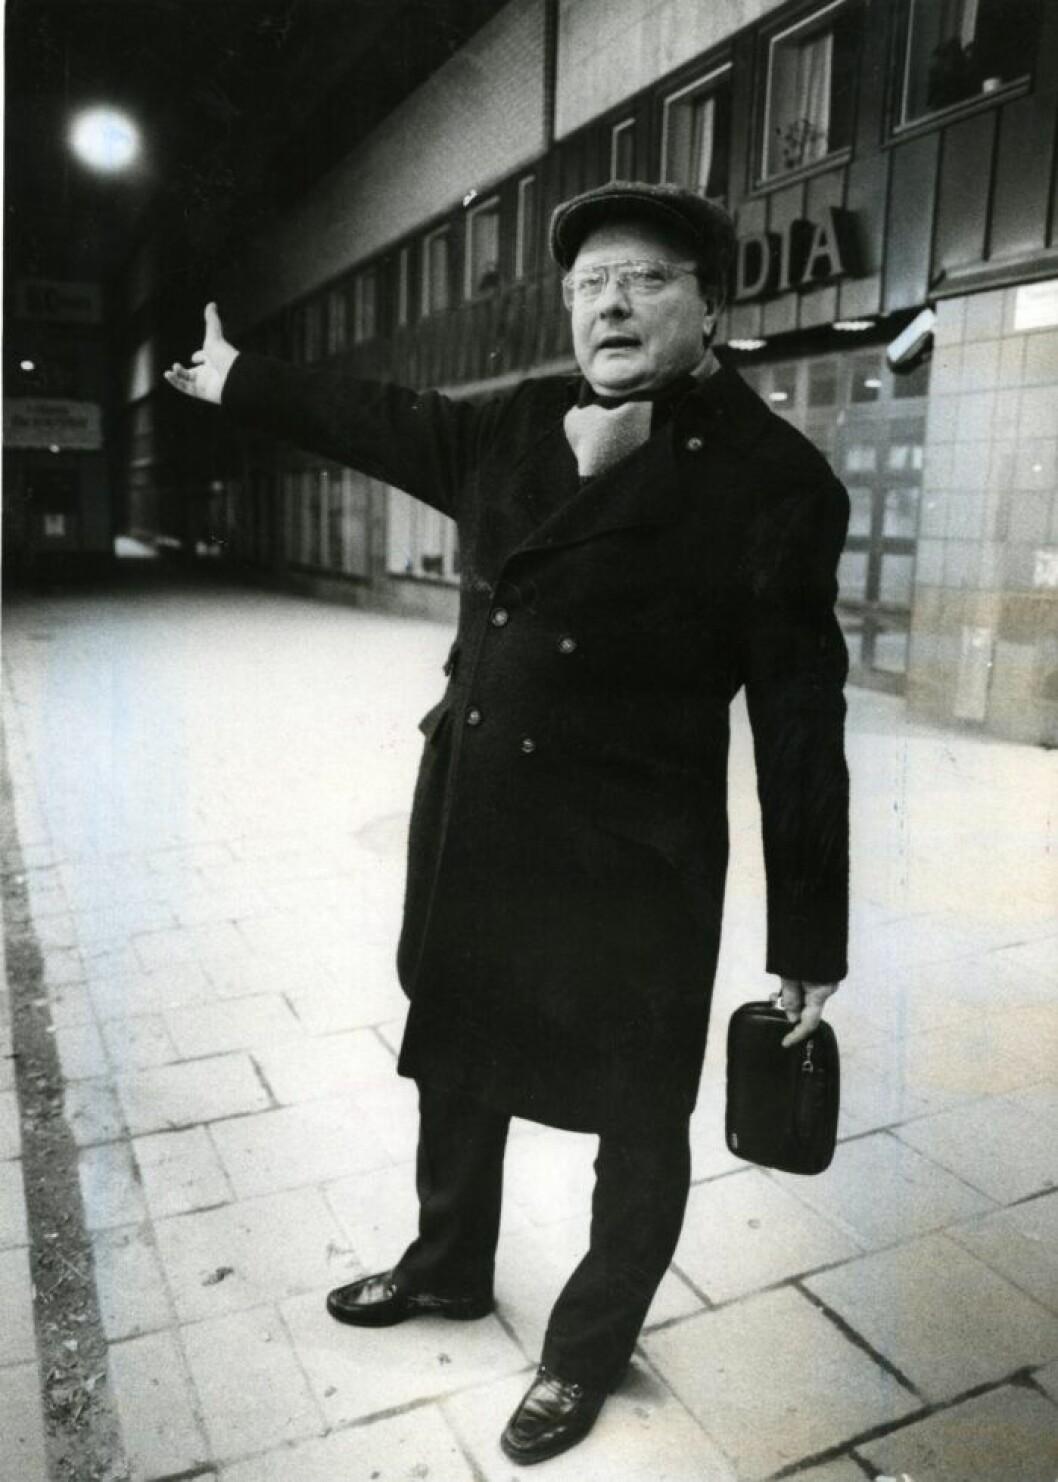 En man i svart rock och keps pekar med hela handen